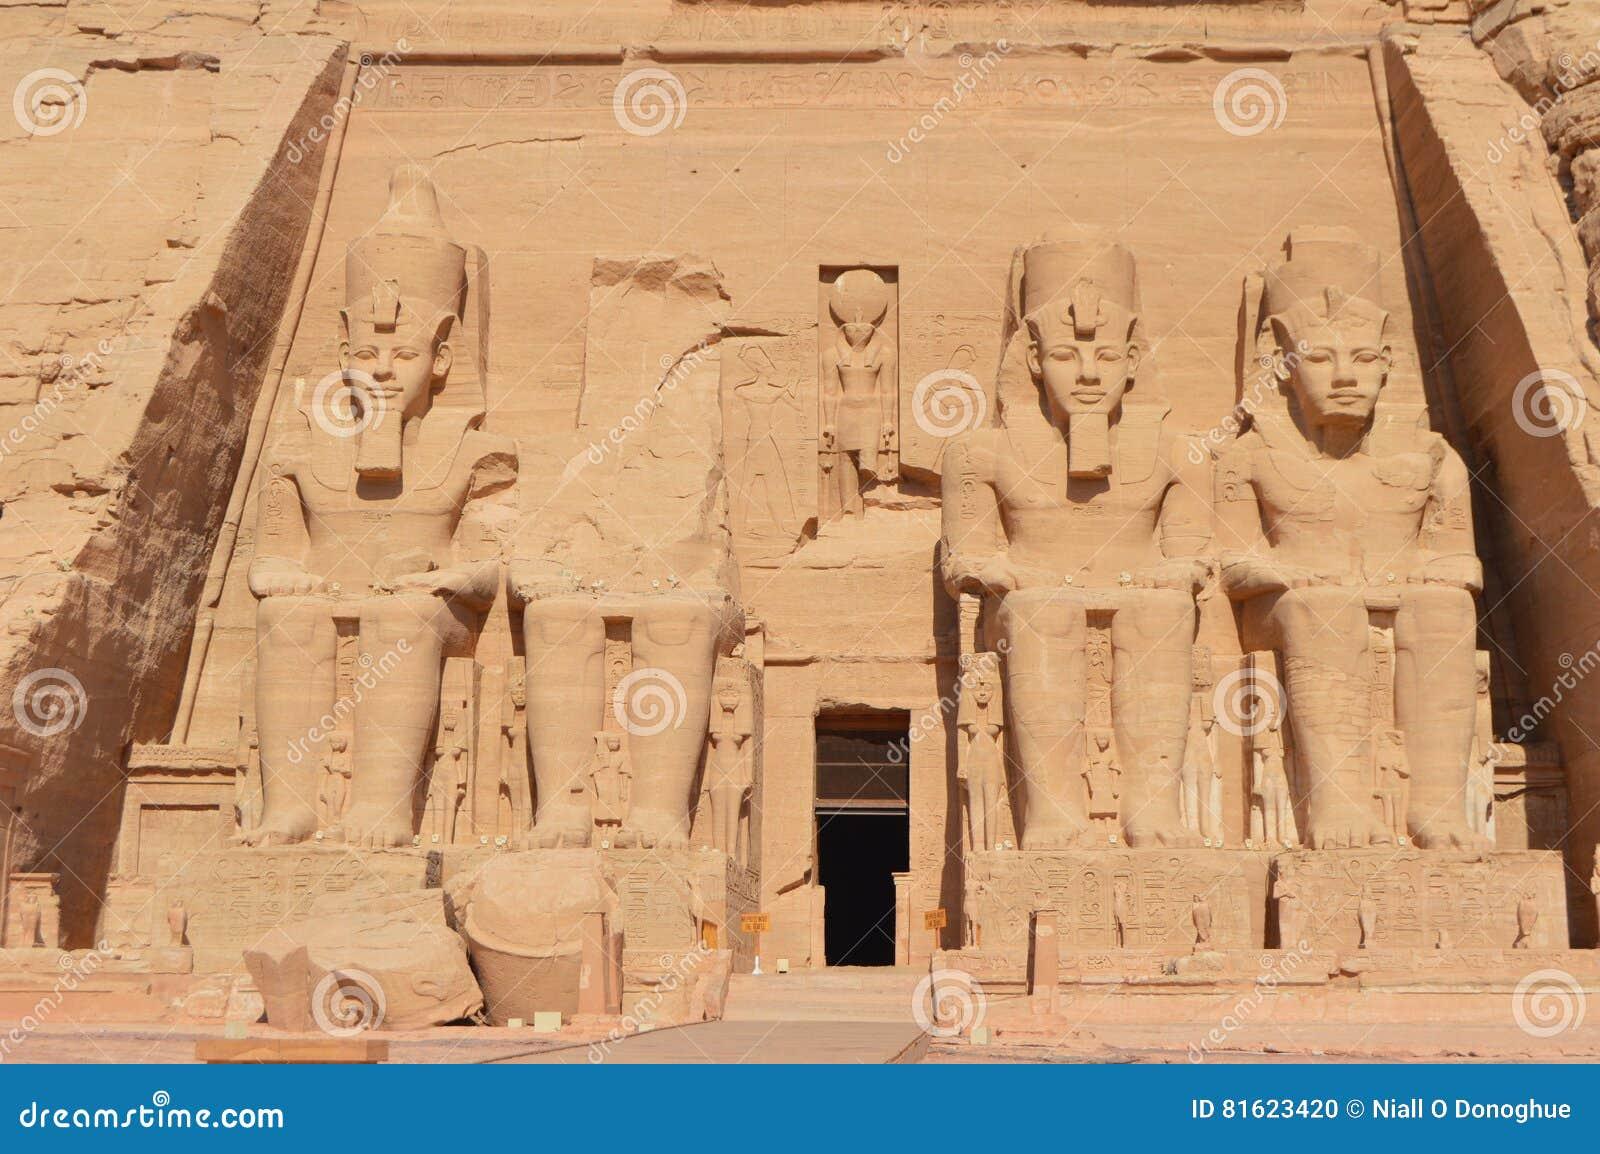 El monumento antiguo impresionante en Abu Simbel